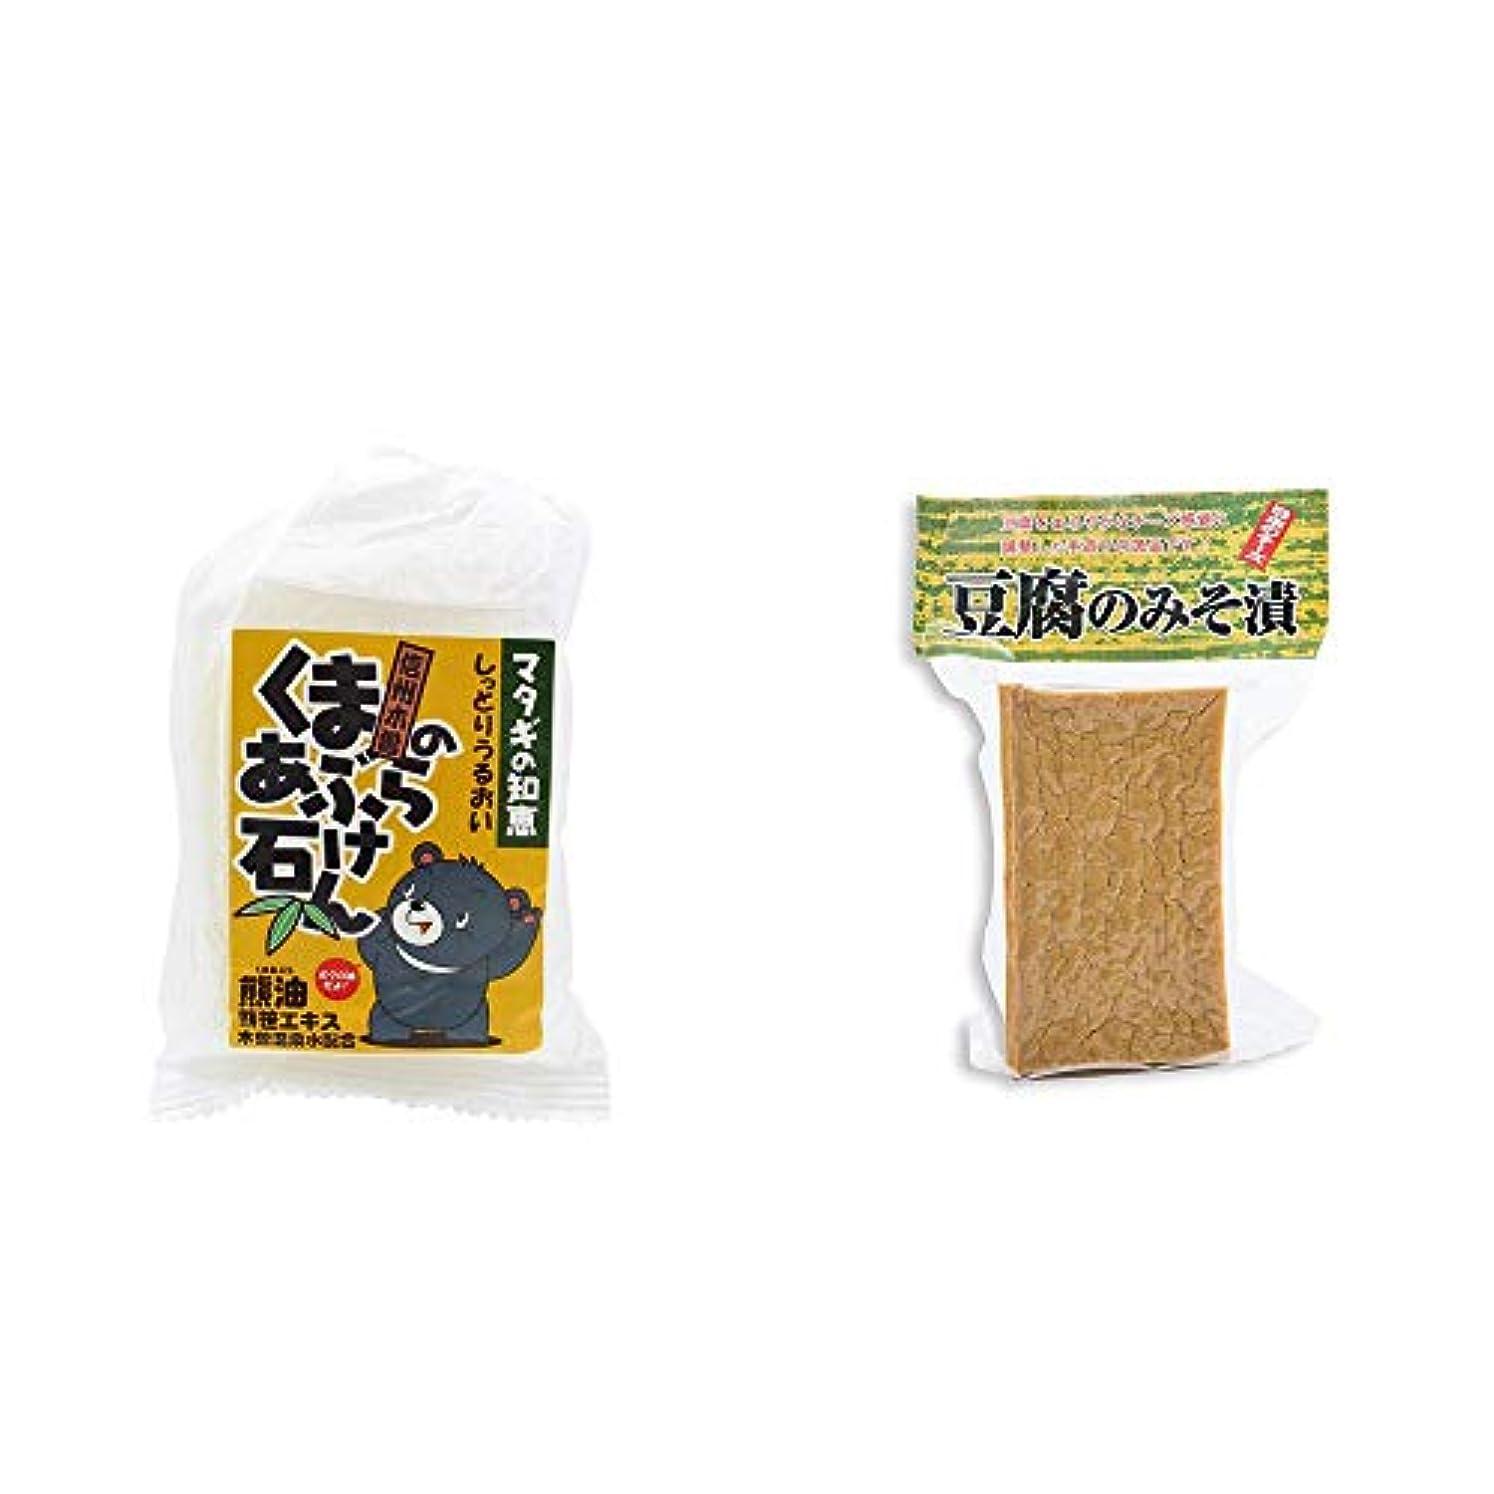 正しい何よりも前兆[2点セット] 信州木曽 くまのあぶら石けん(80g)?日本のチーズ 豆腐のみそ漬(1個入)